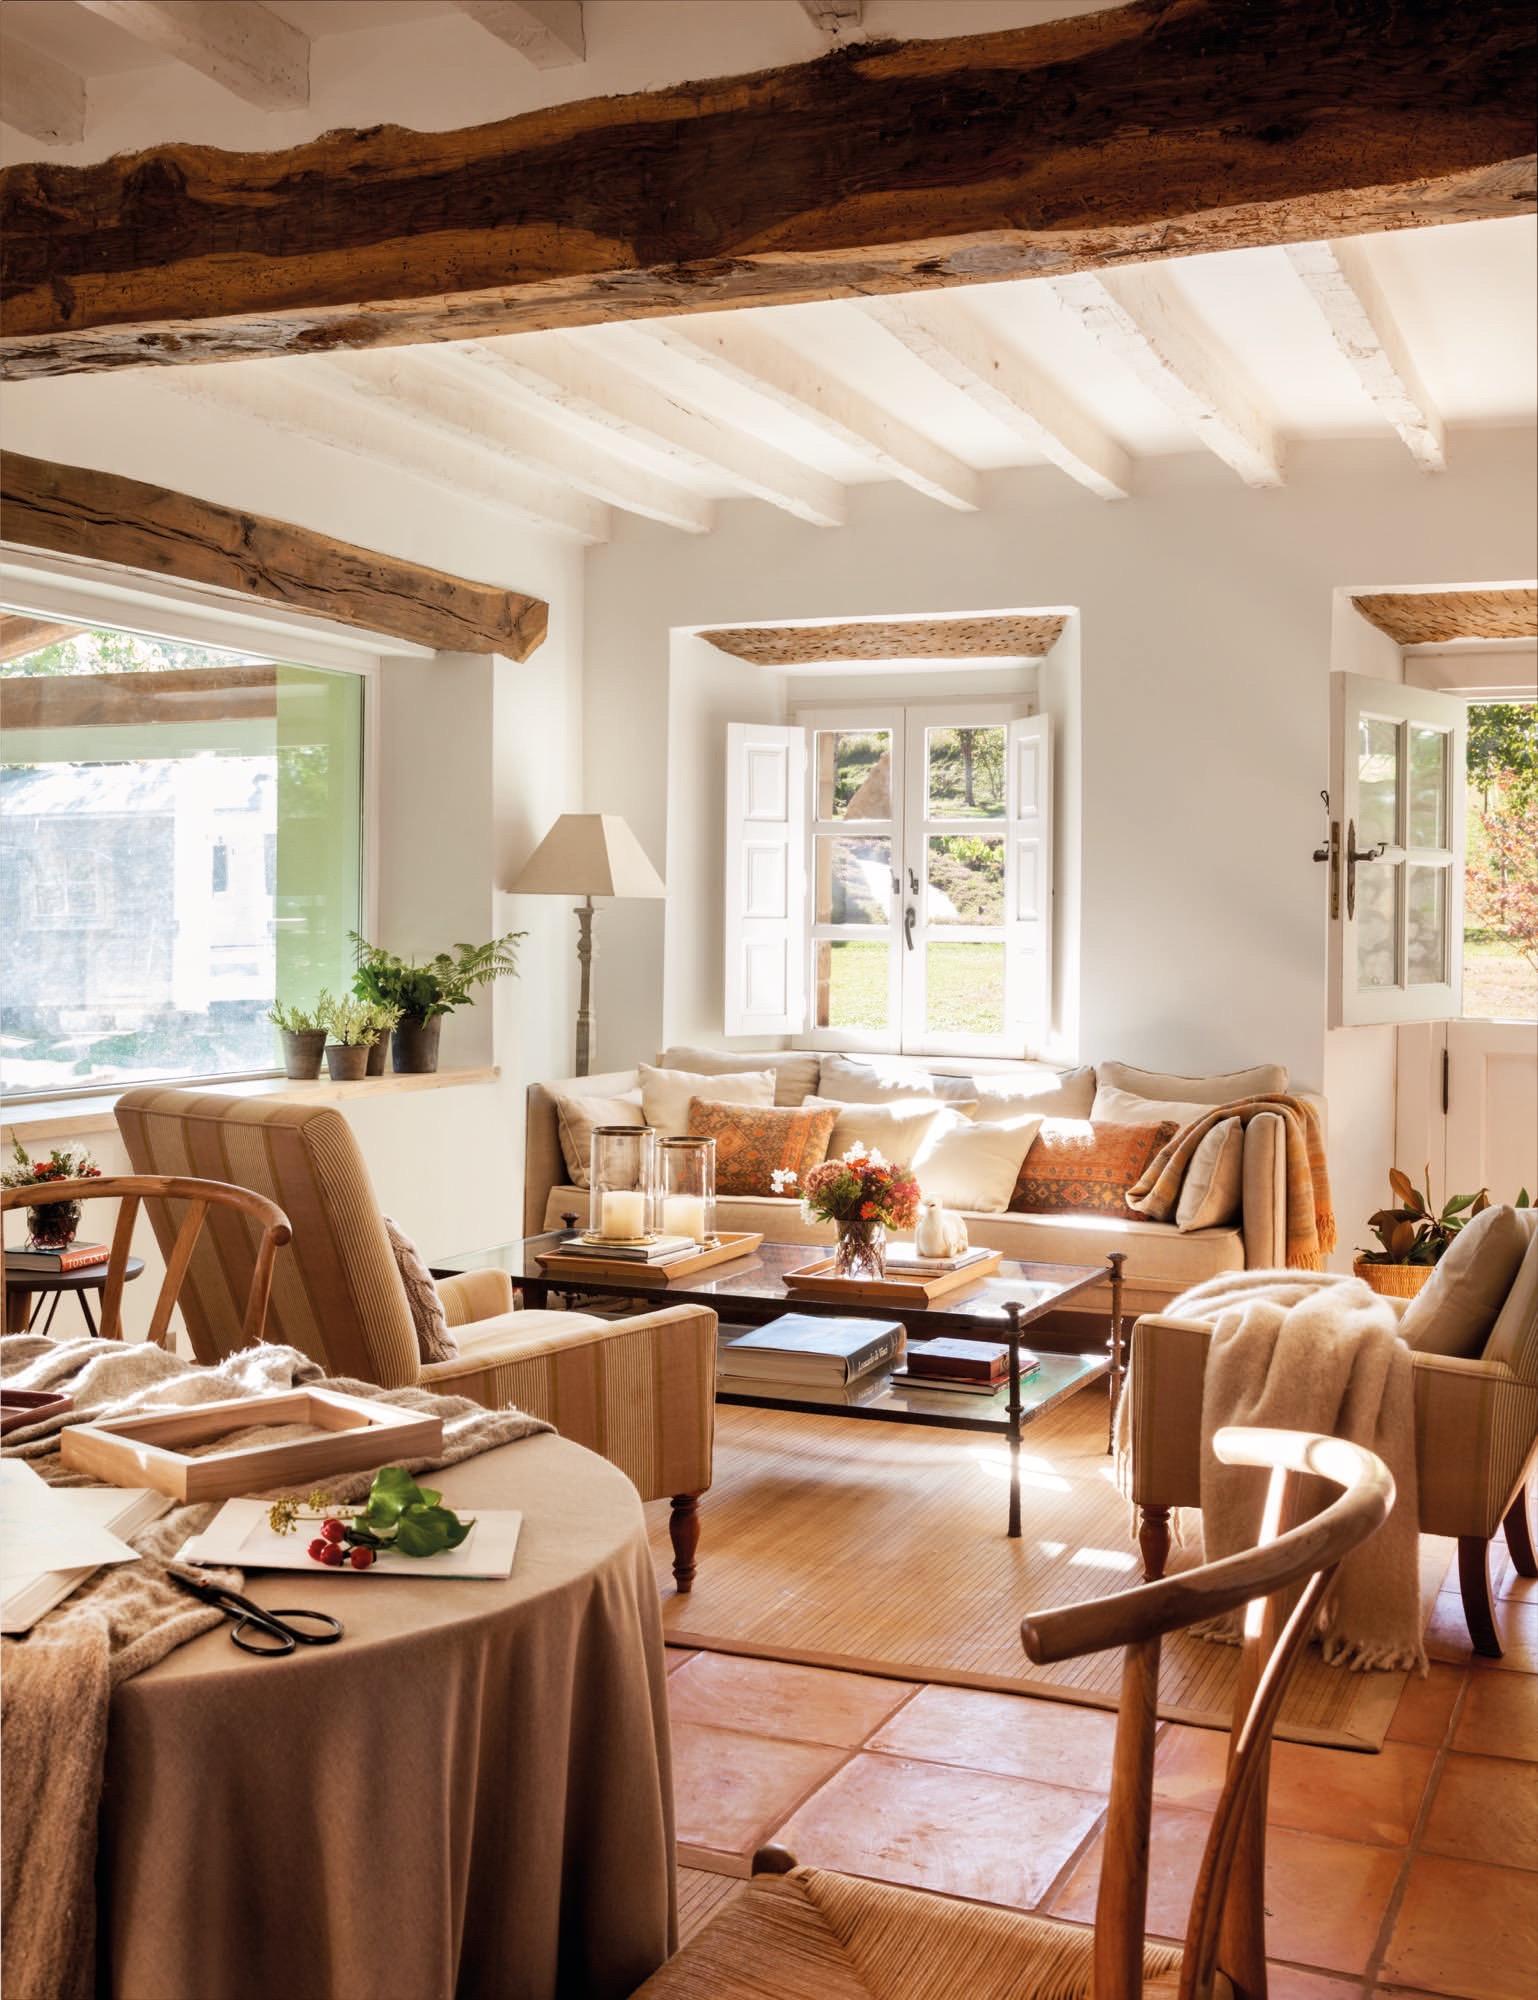 Una casa rustica en cantabria sencilla y muy acogedora for Casa practica decoracion